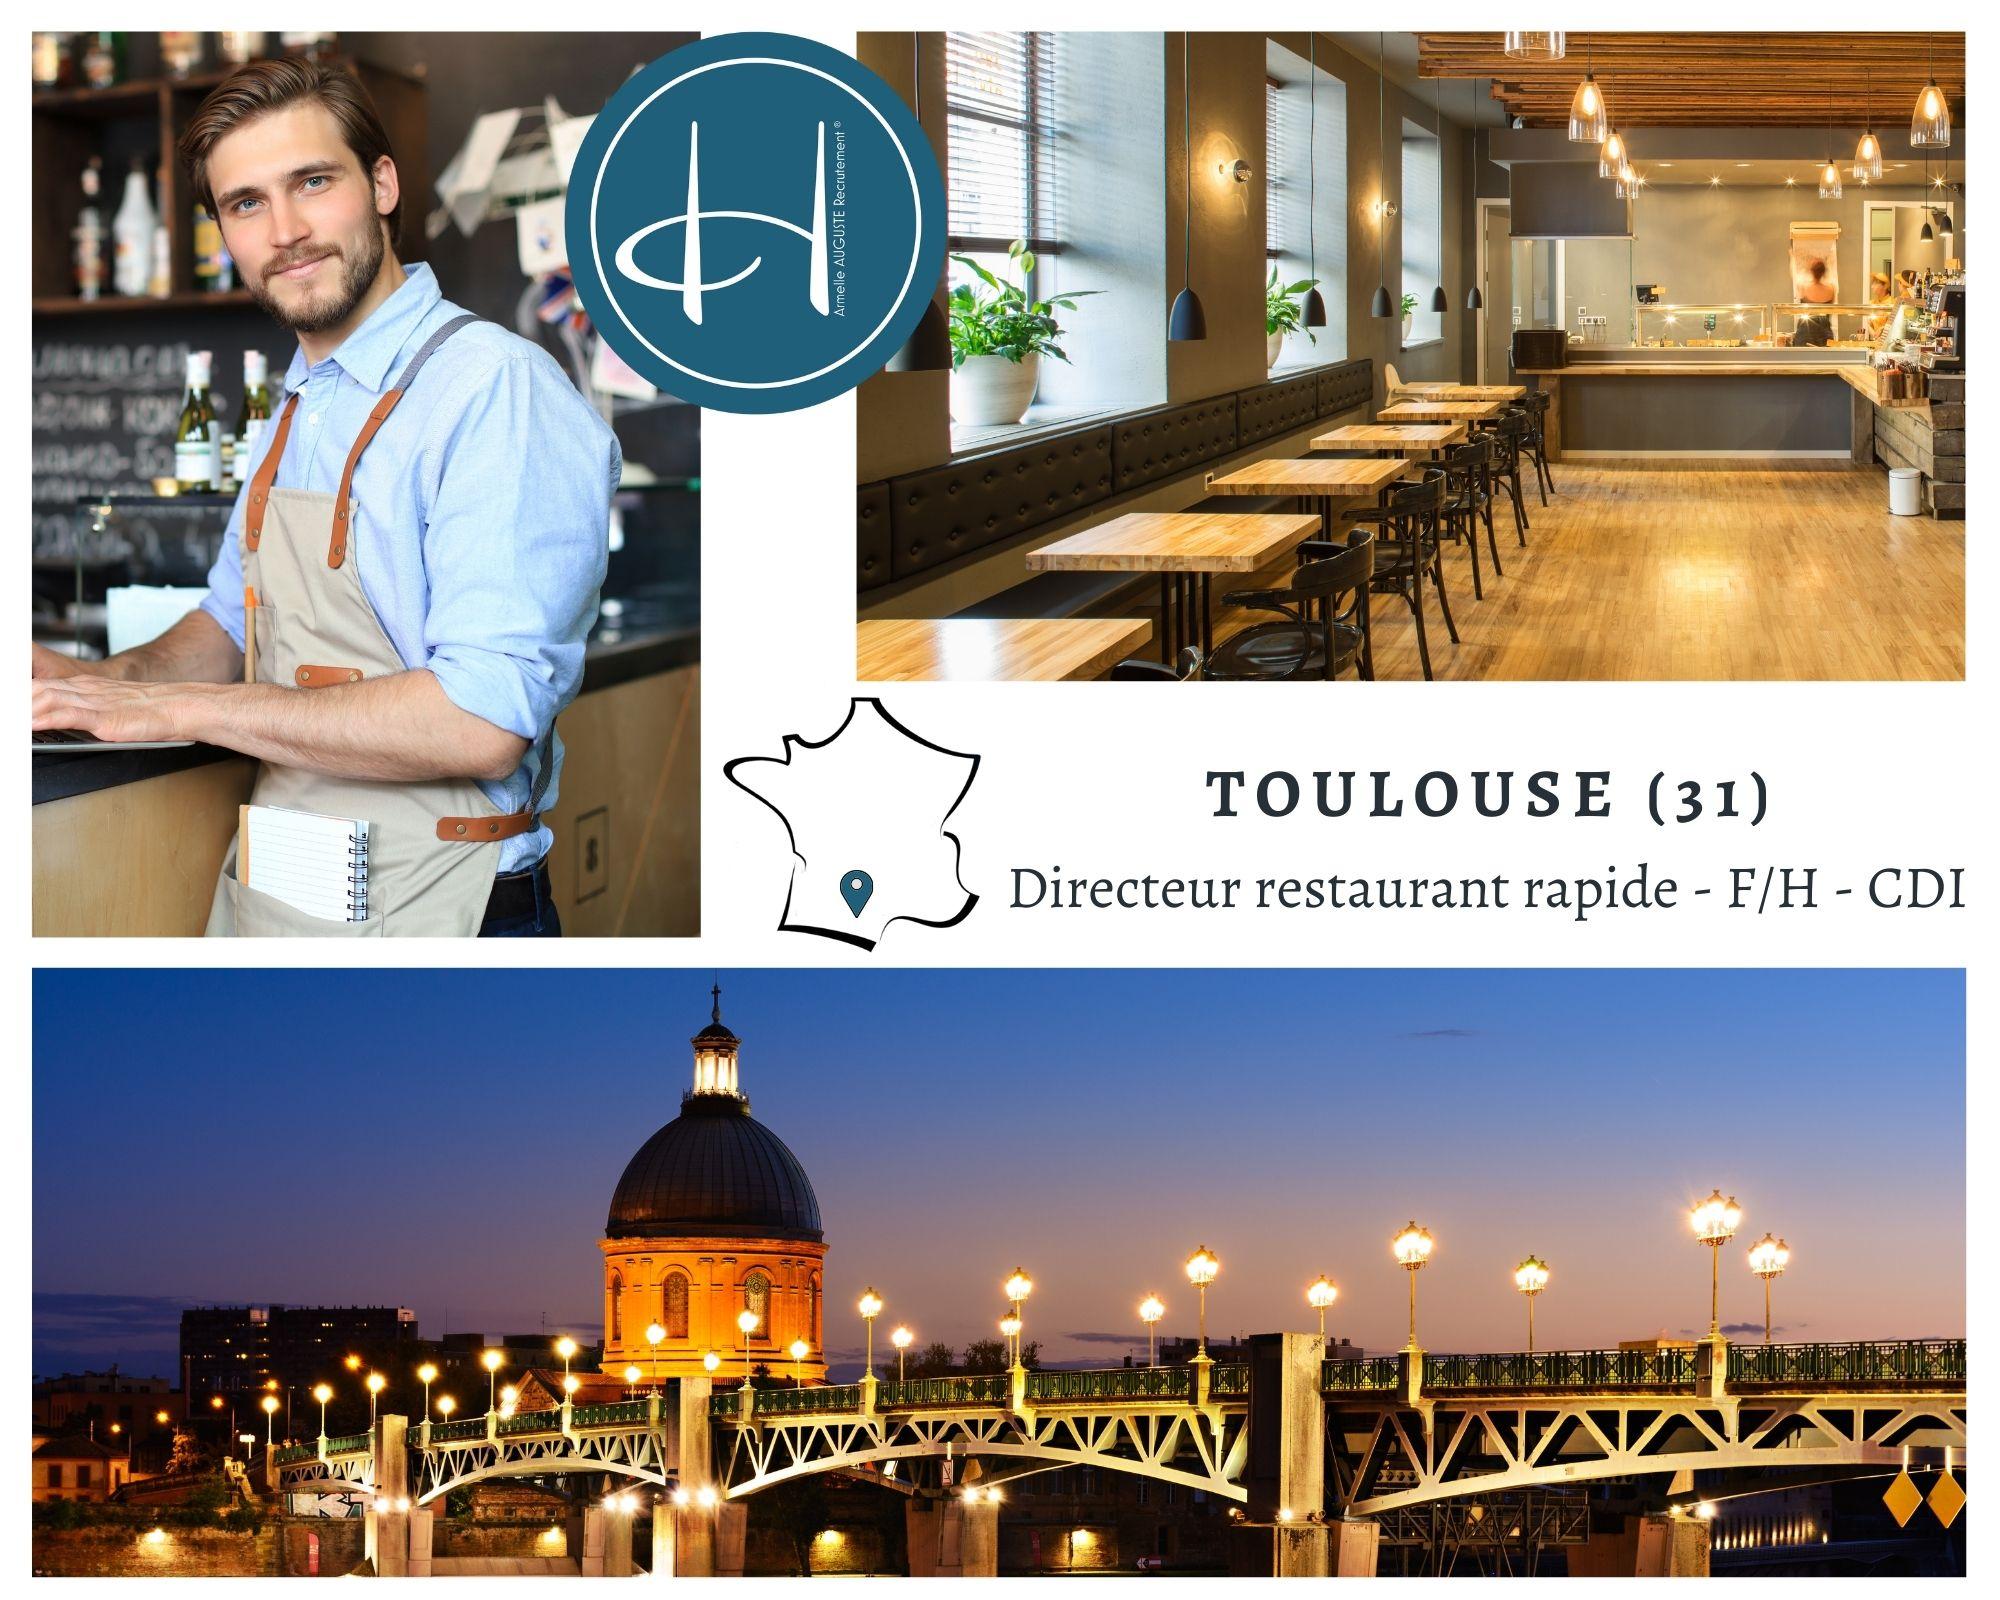 Recrutement: Directeur restaurant F/H chez Armelle AUGUSTE Recrutement® à Toulouse